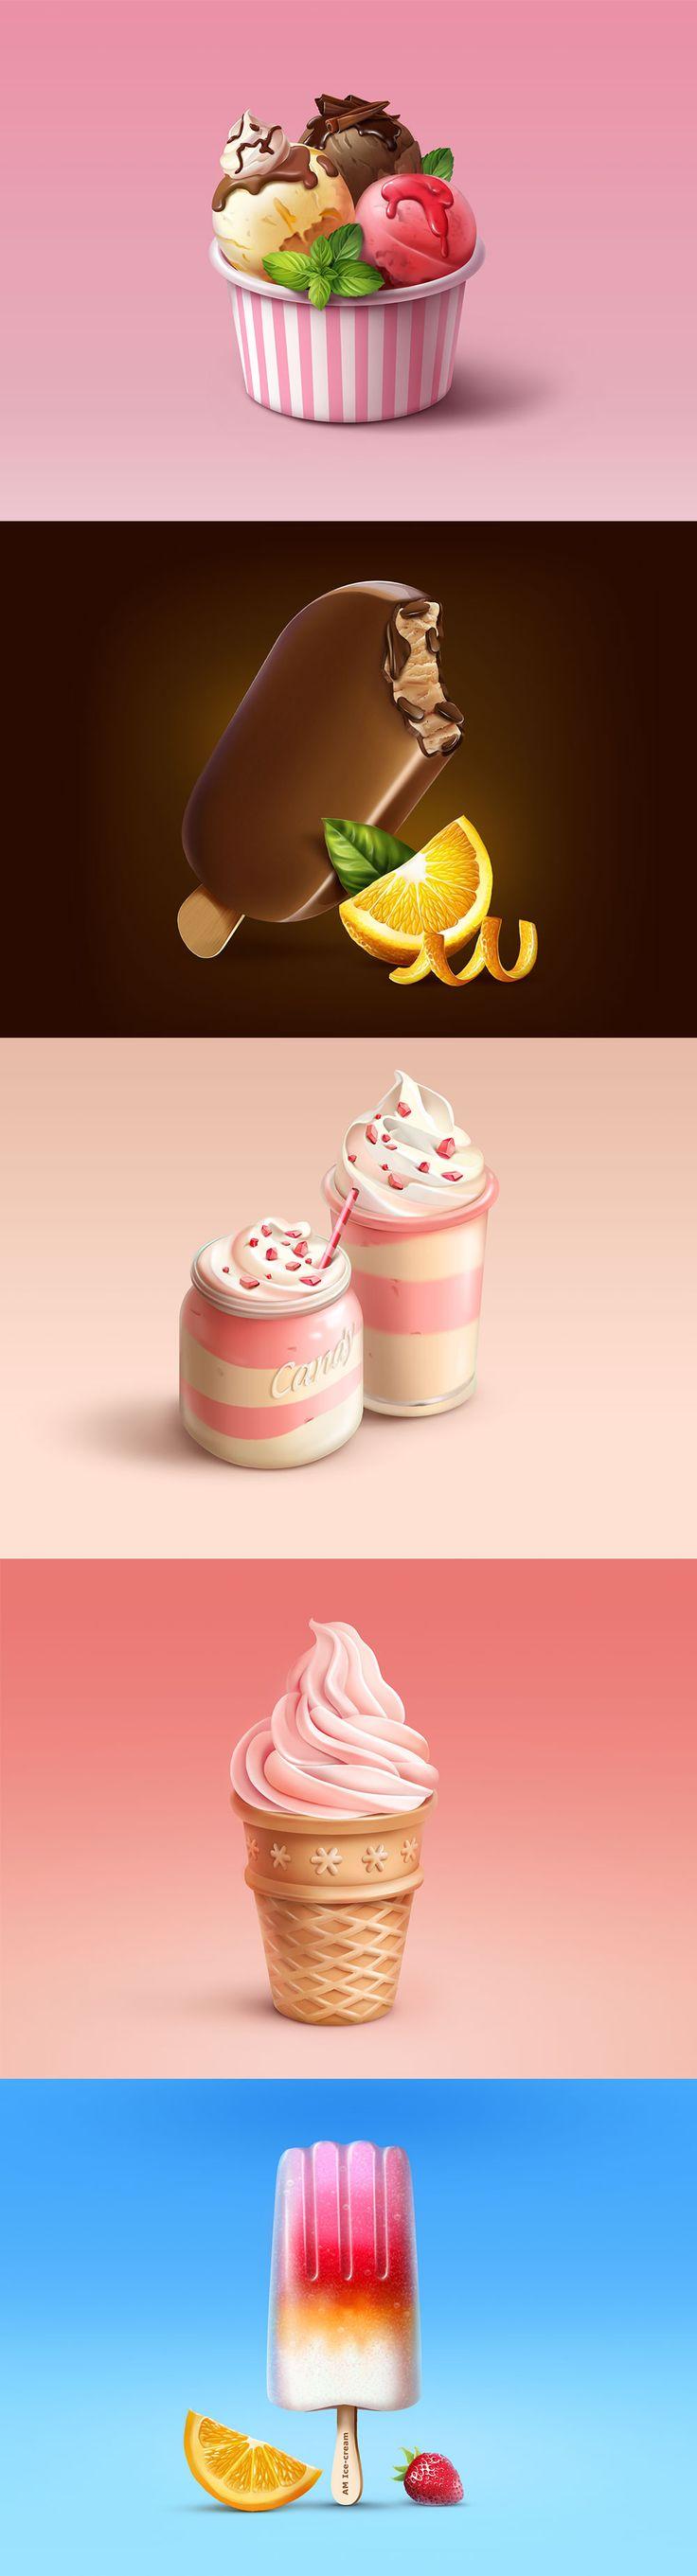 Иллюстрации мороженого, Illustration © Алия Манакова